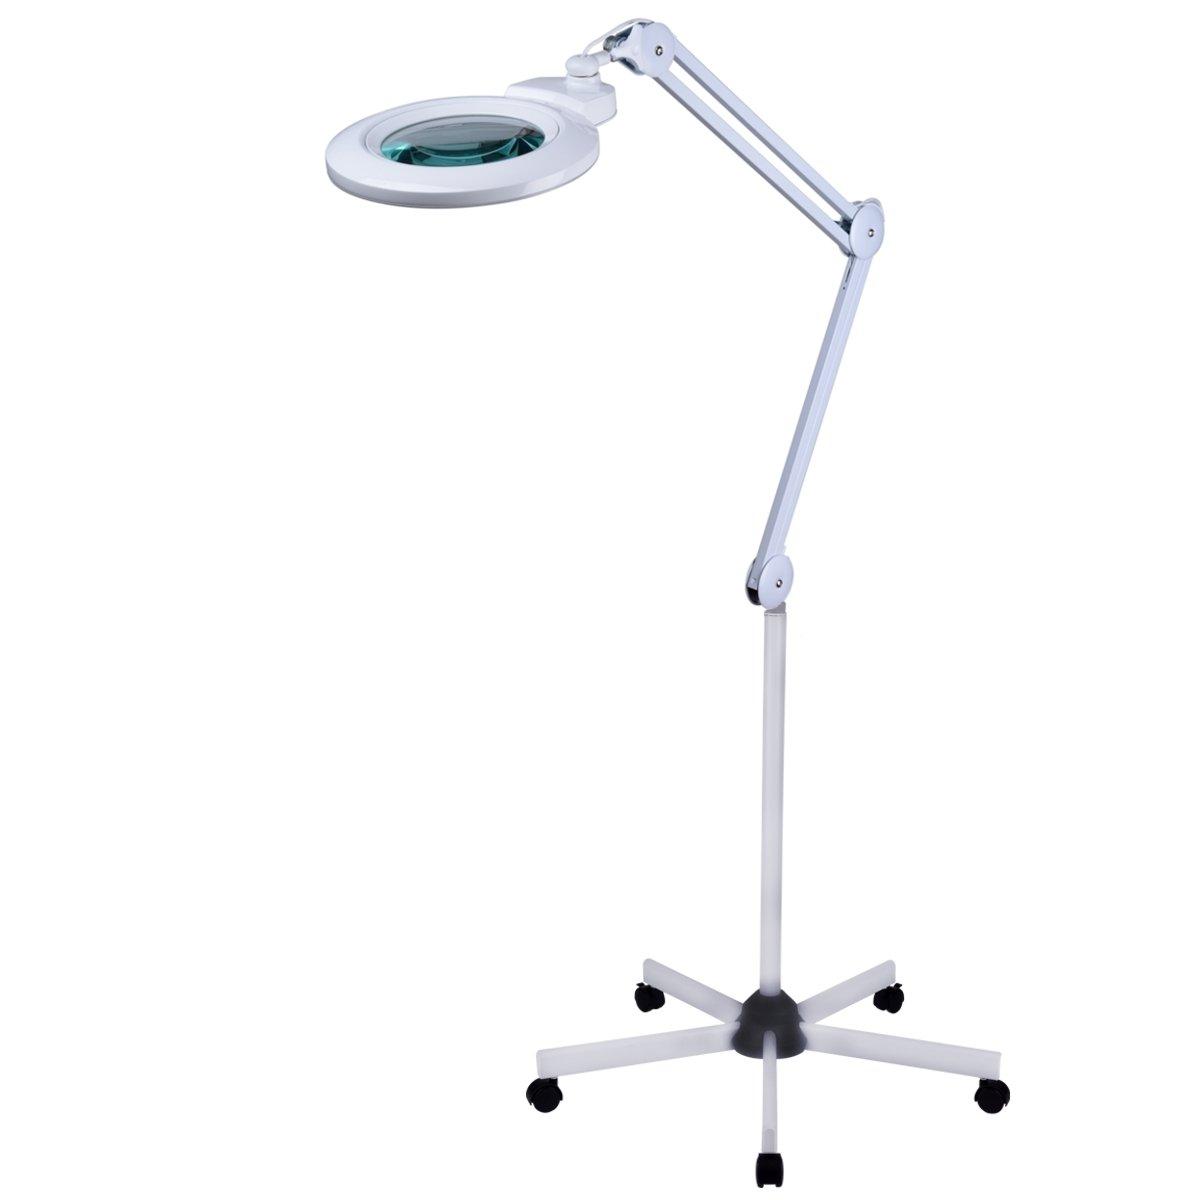 Komerci Lupenleuchte mit Stativ 150mm Wechsellinse 5 Dioptrien, 12W, 12W, 12W, Lupenlampe Rollstativ Standlupe, KML-9006LED-FS2, weiß 36d2df